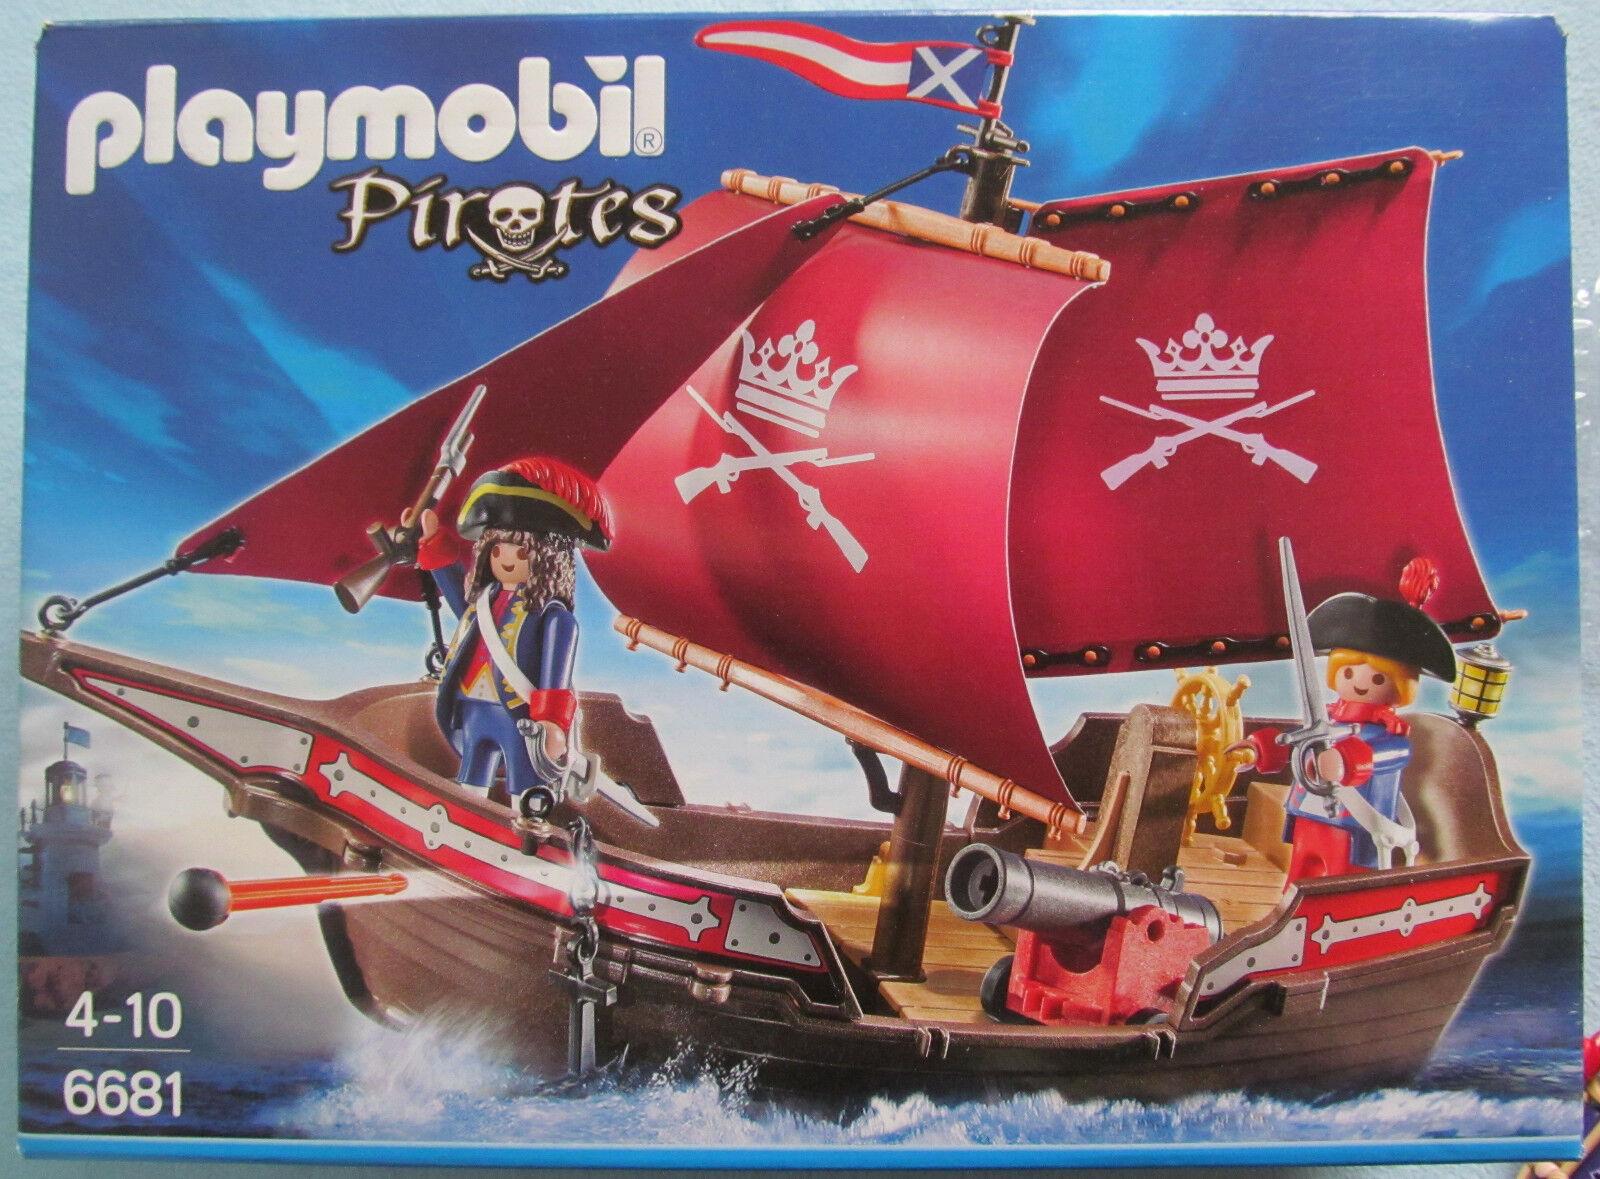 PLAYMOBIL Pirates 6681 Soldaten-Kanonensegler + 6684 Kapitän + 6434 Piraten, OVP